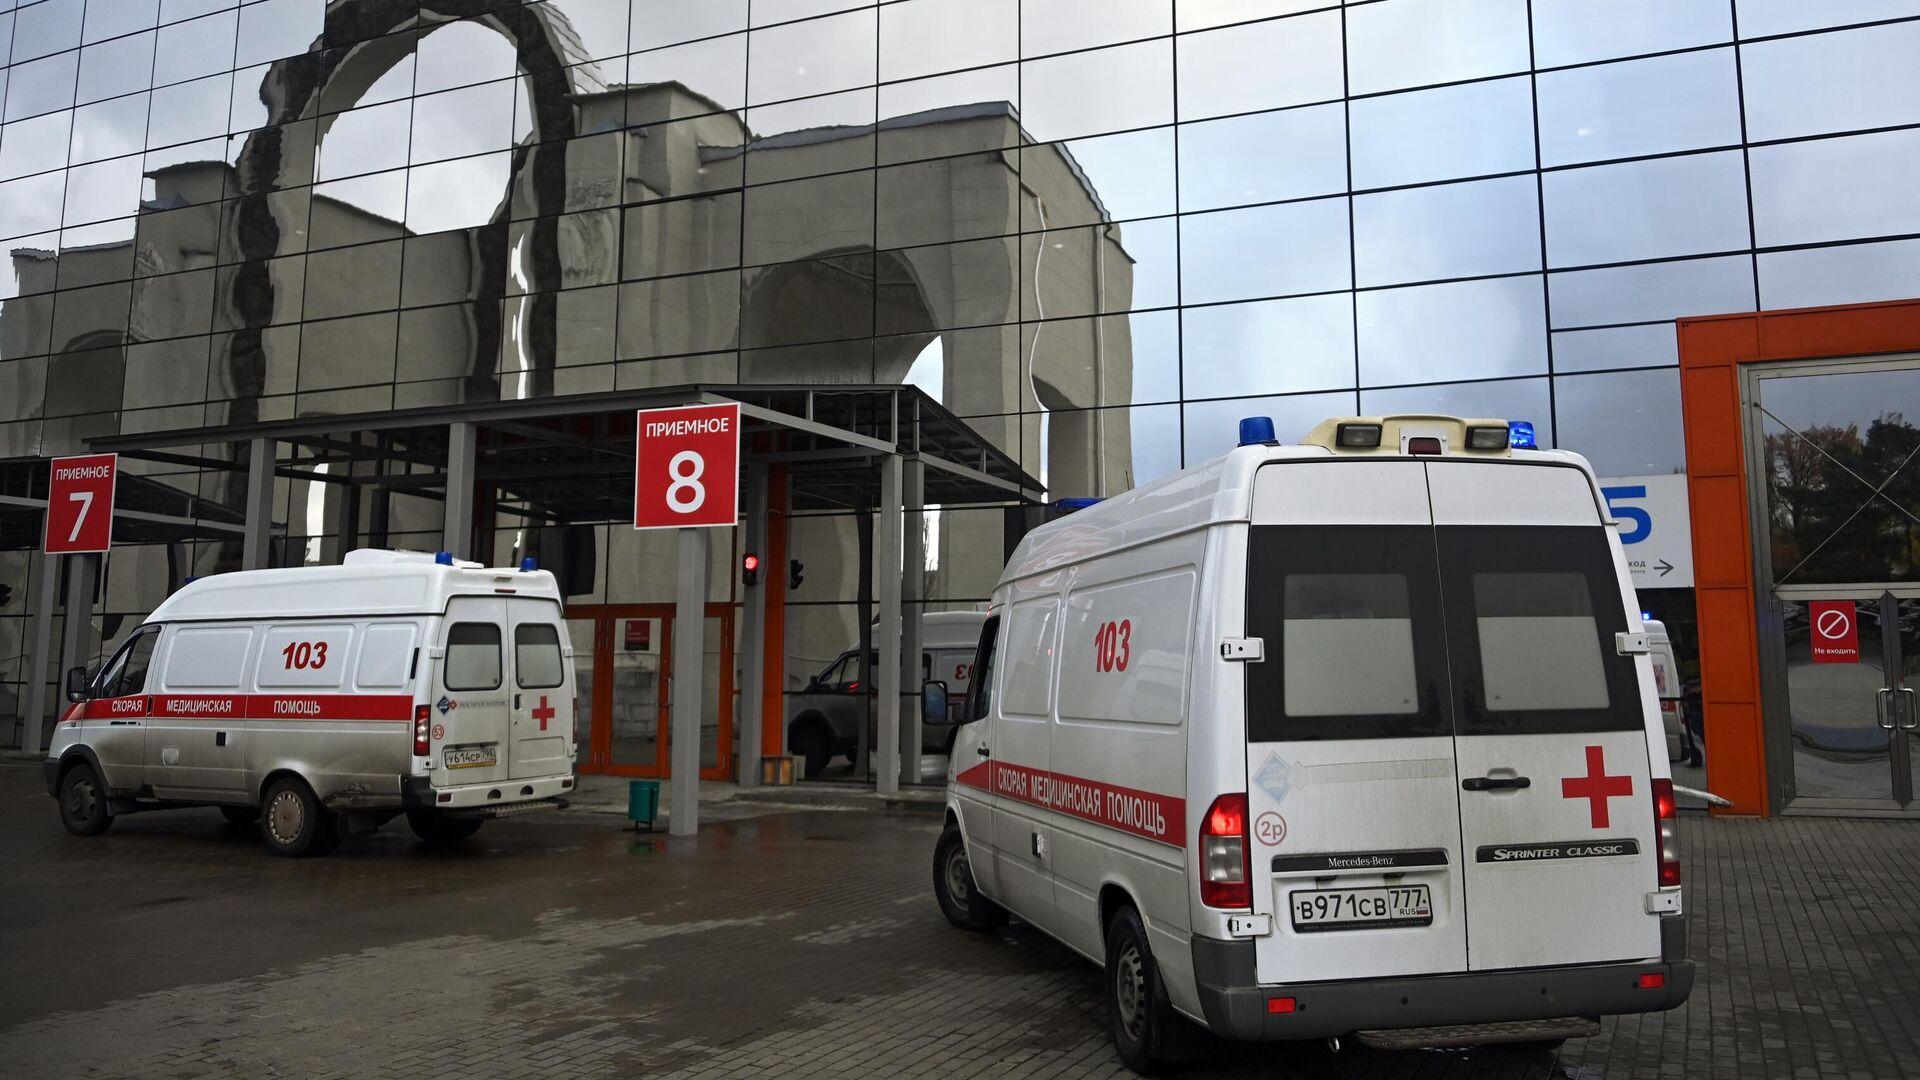 Машины скорой помощи возле временного госпиталя COVID-19 на ВДНХ в Москве - РИА Новости, 1920, 07.11.2020